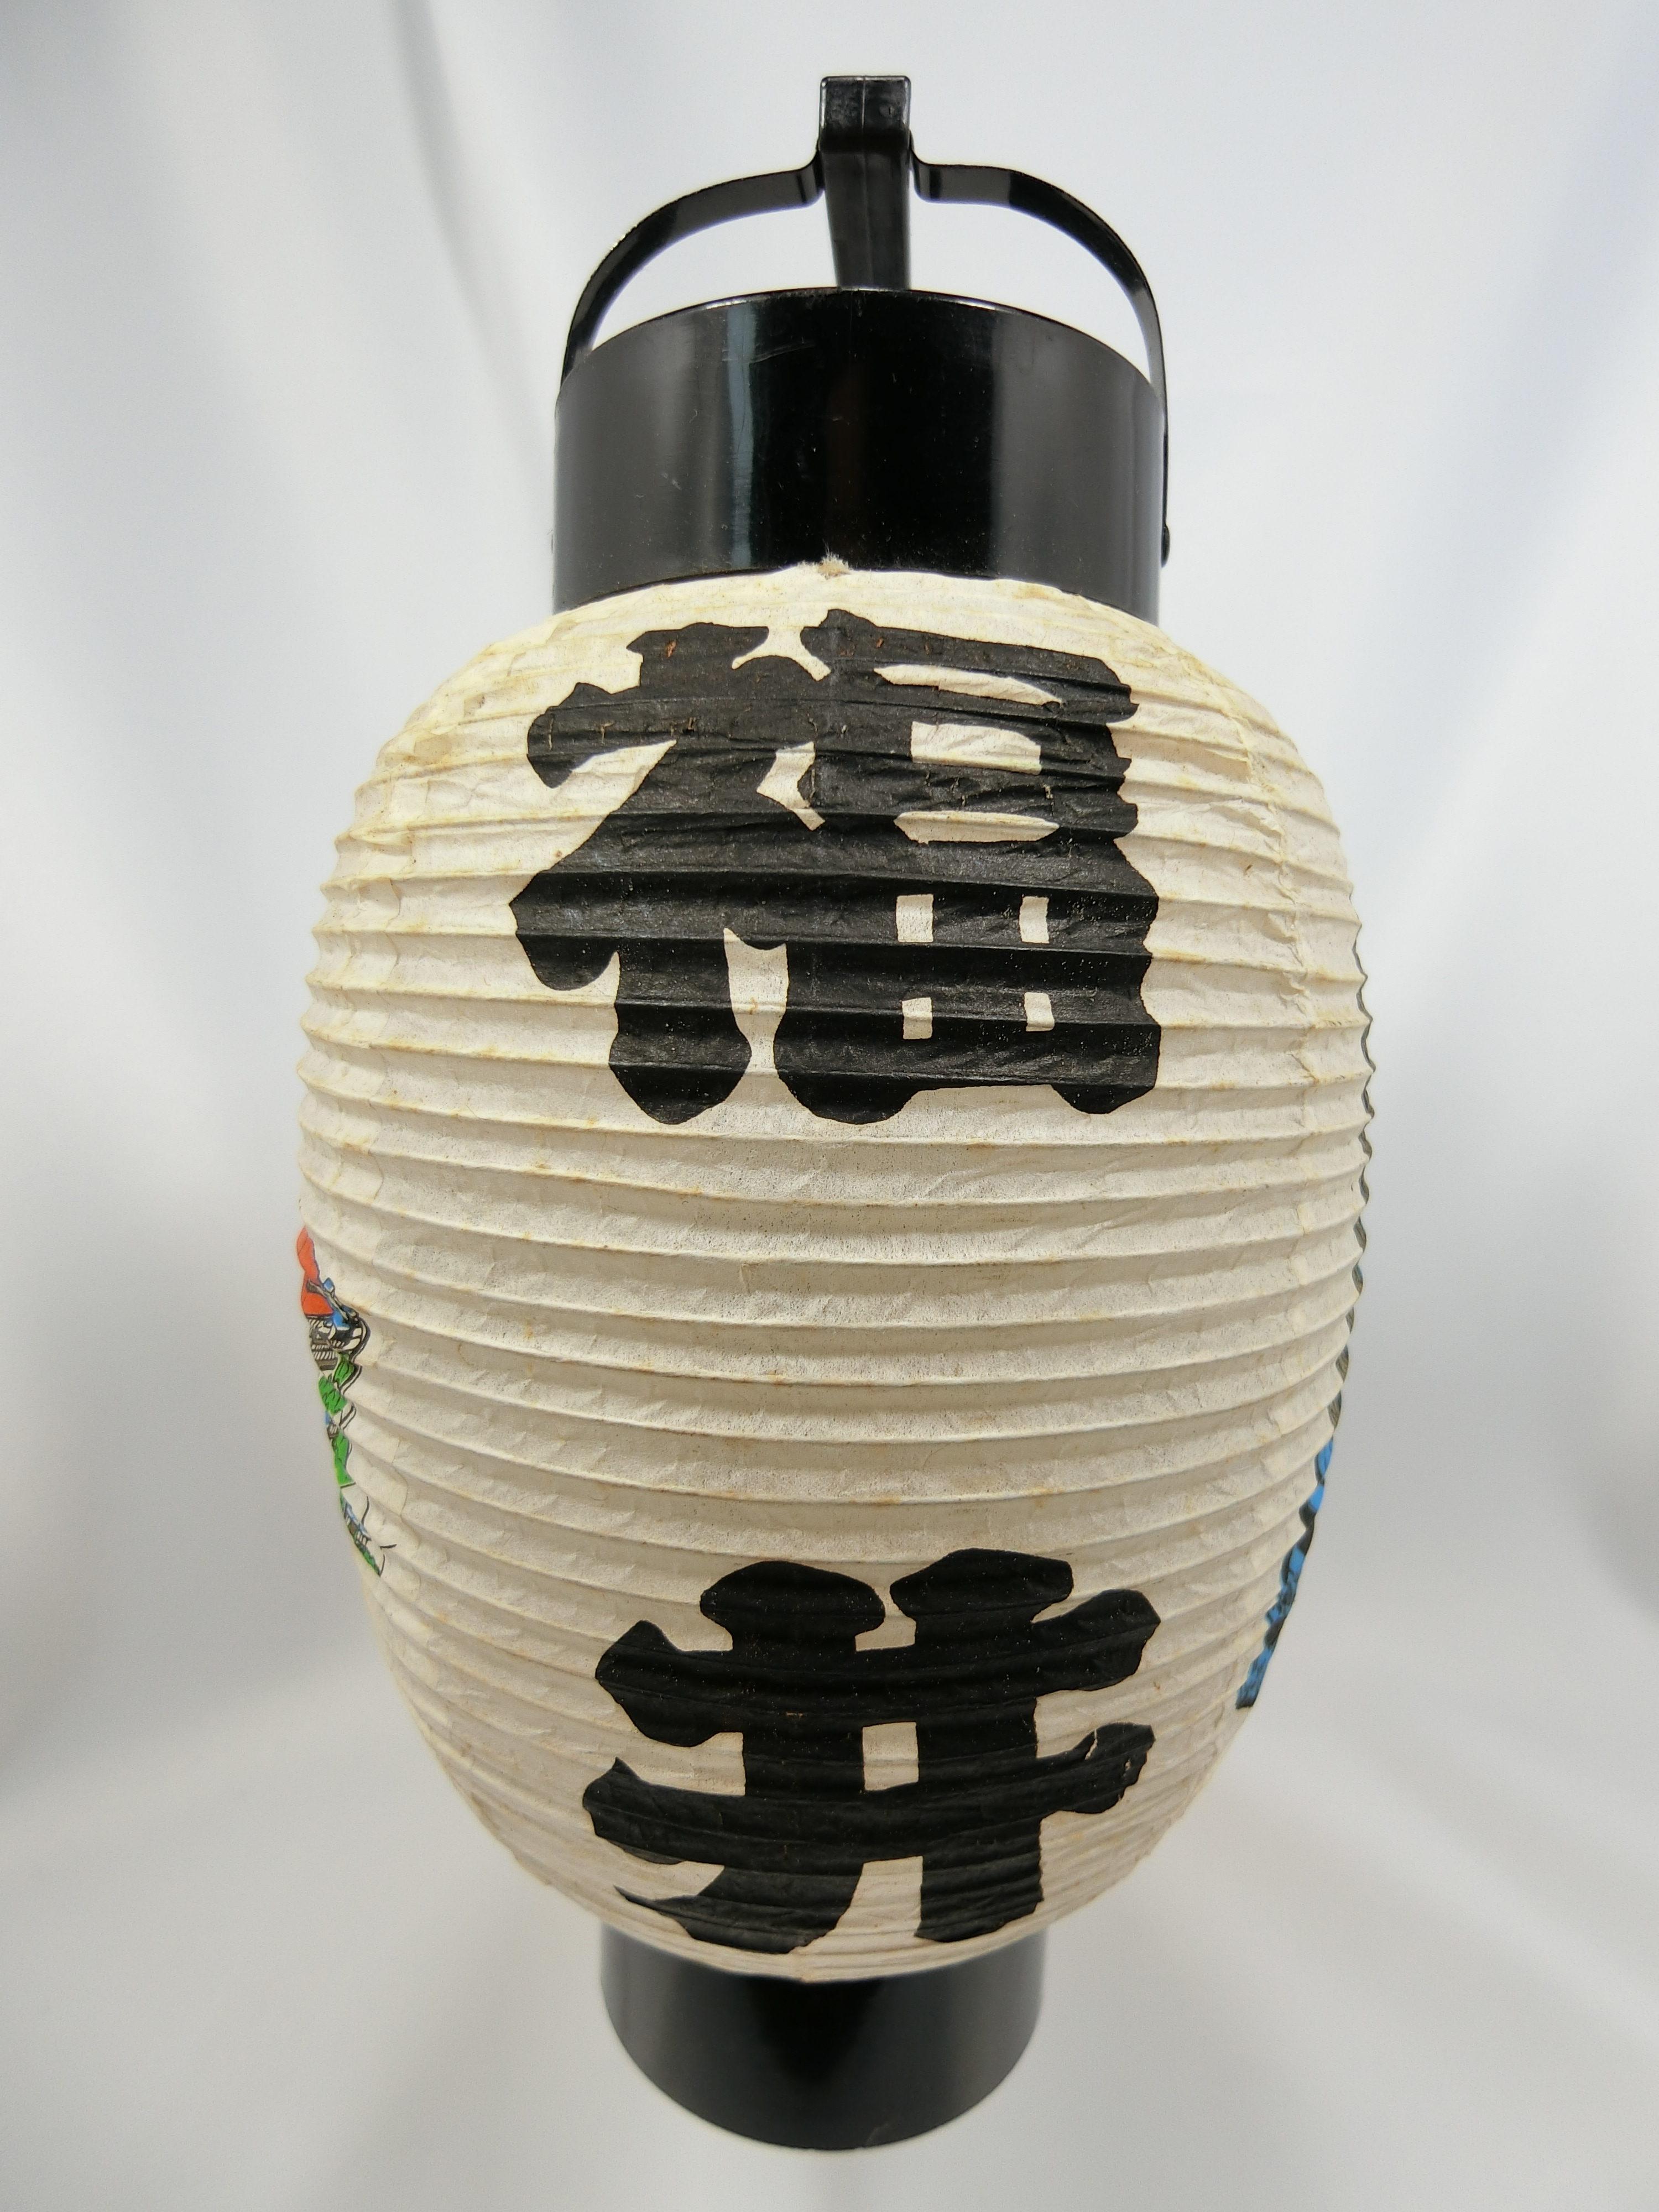 越前大仏&福井(裏面)